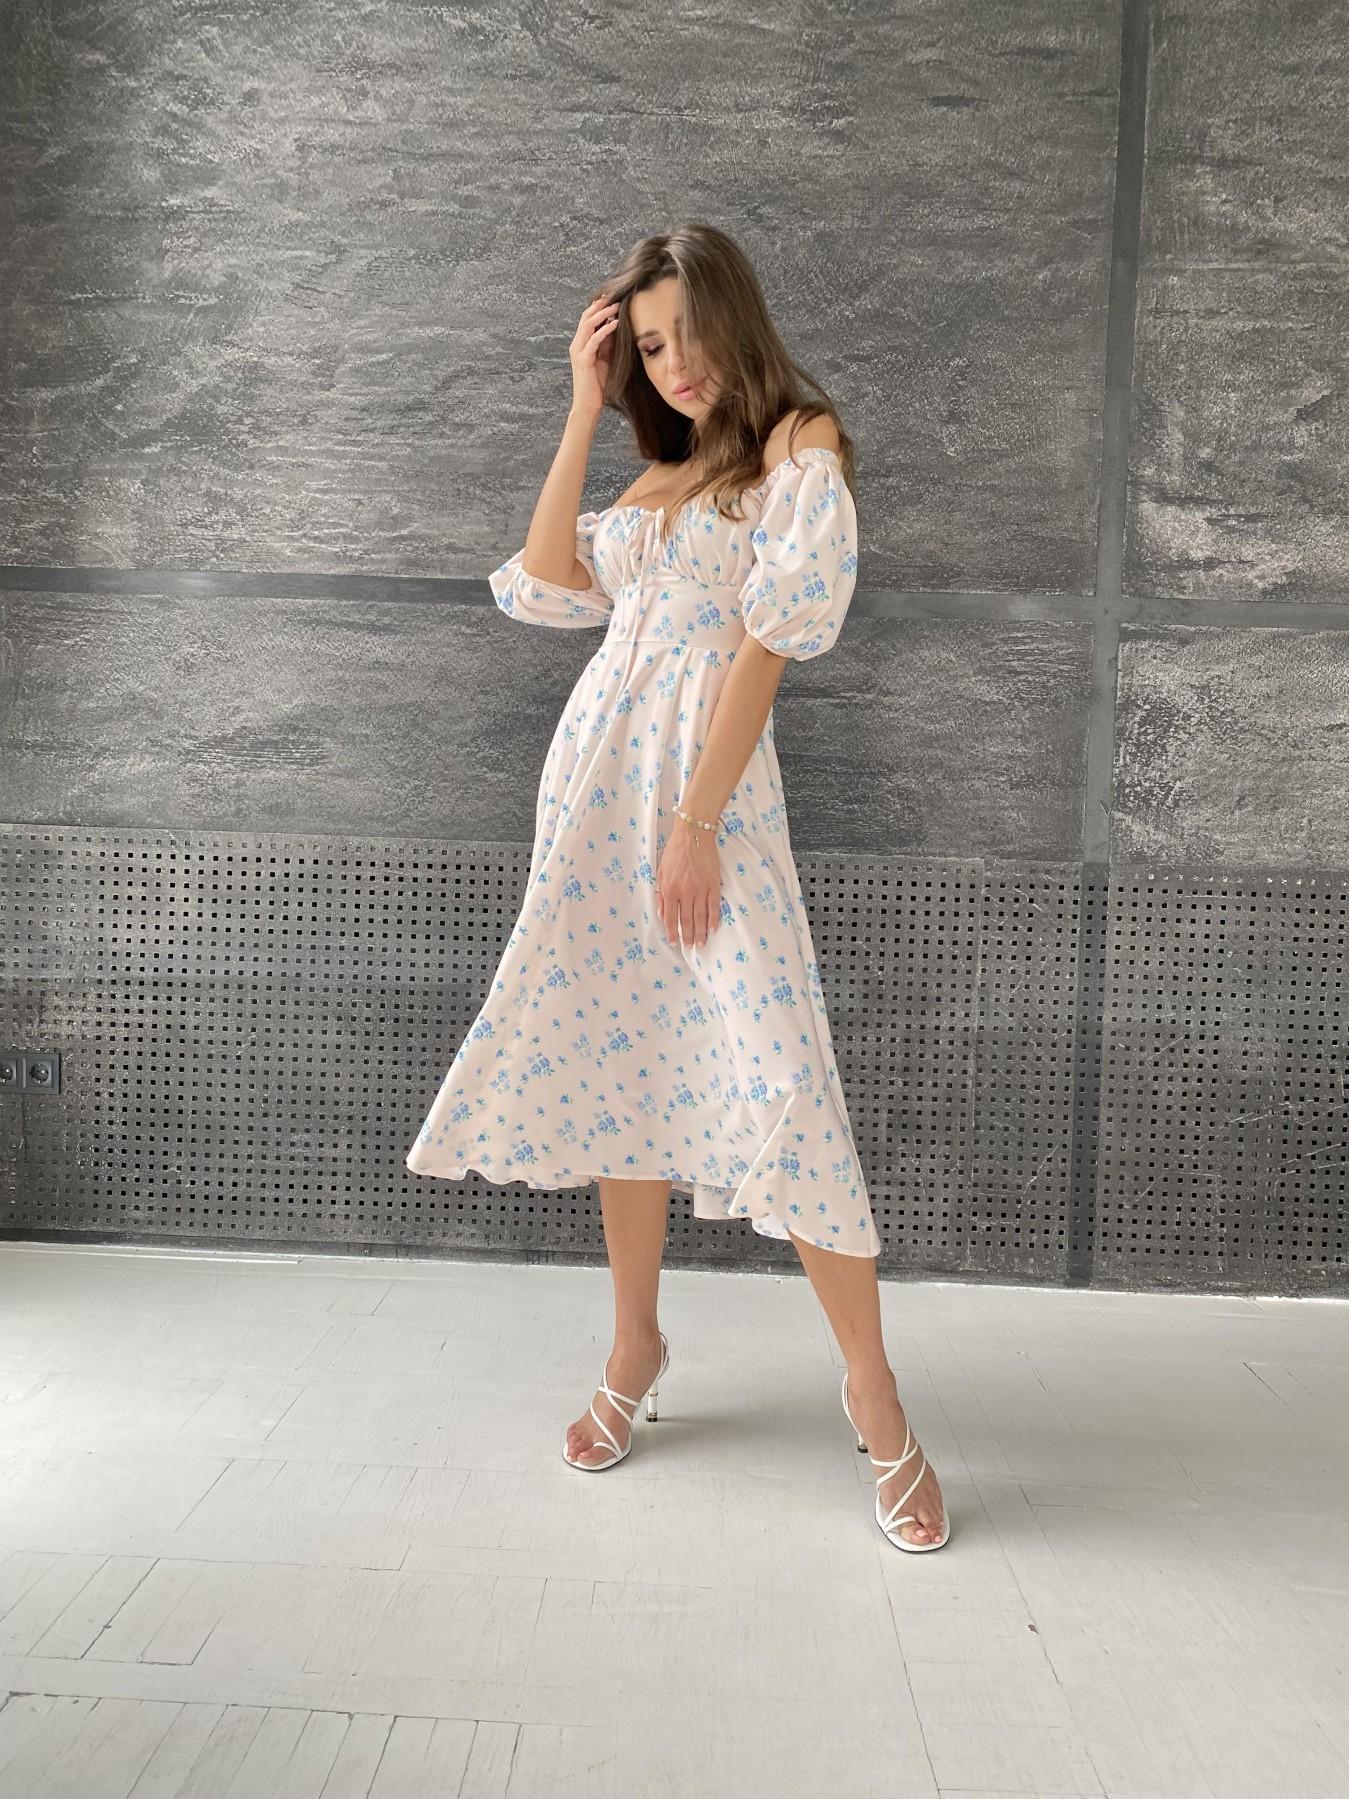 Кисес Миди платье из софт ткани в принт 11348 АРТ. 48187 Цвет: Пудра/голубойЦветыНаВетке - фото 3, интернет магазин tm-modus.ru